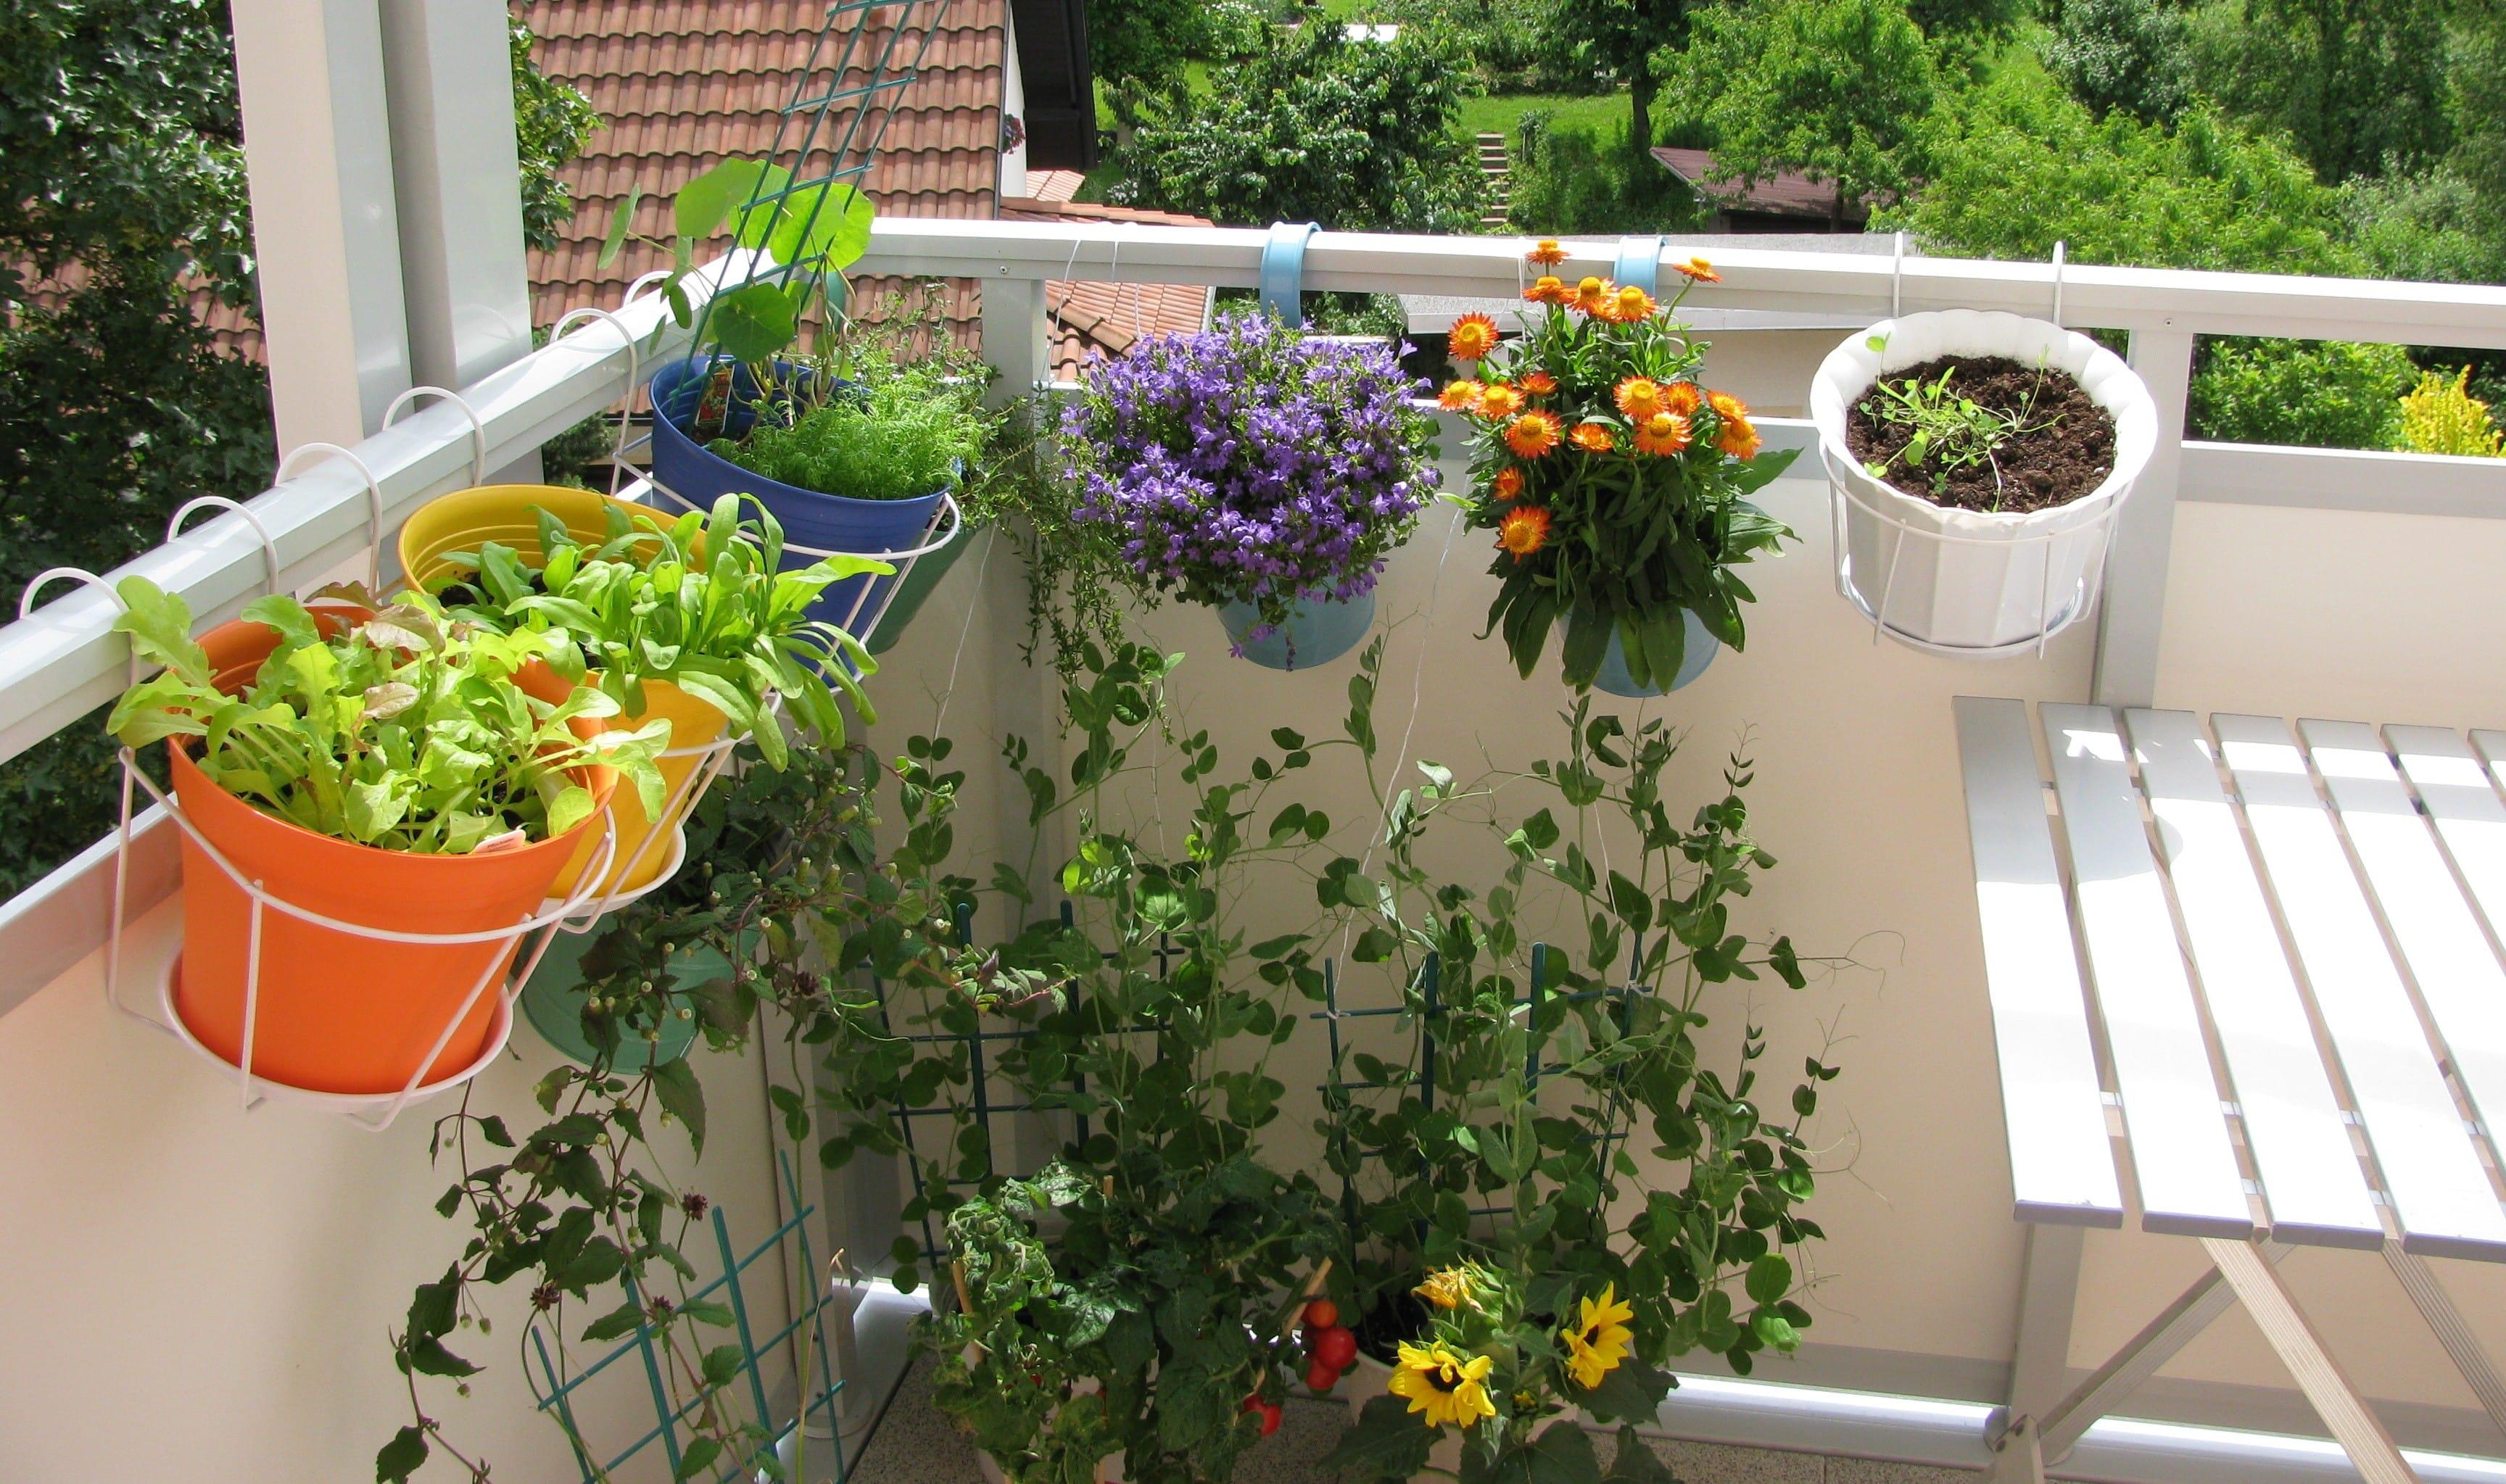 come coltivare l 39 orto in casa non specare. Black Bedroom Furniture Sets. Home Design Ideas